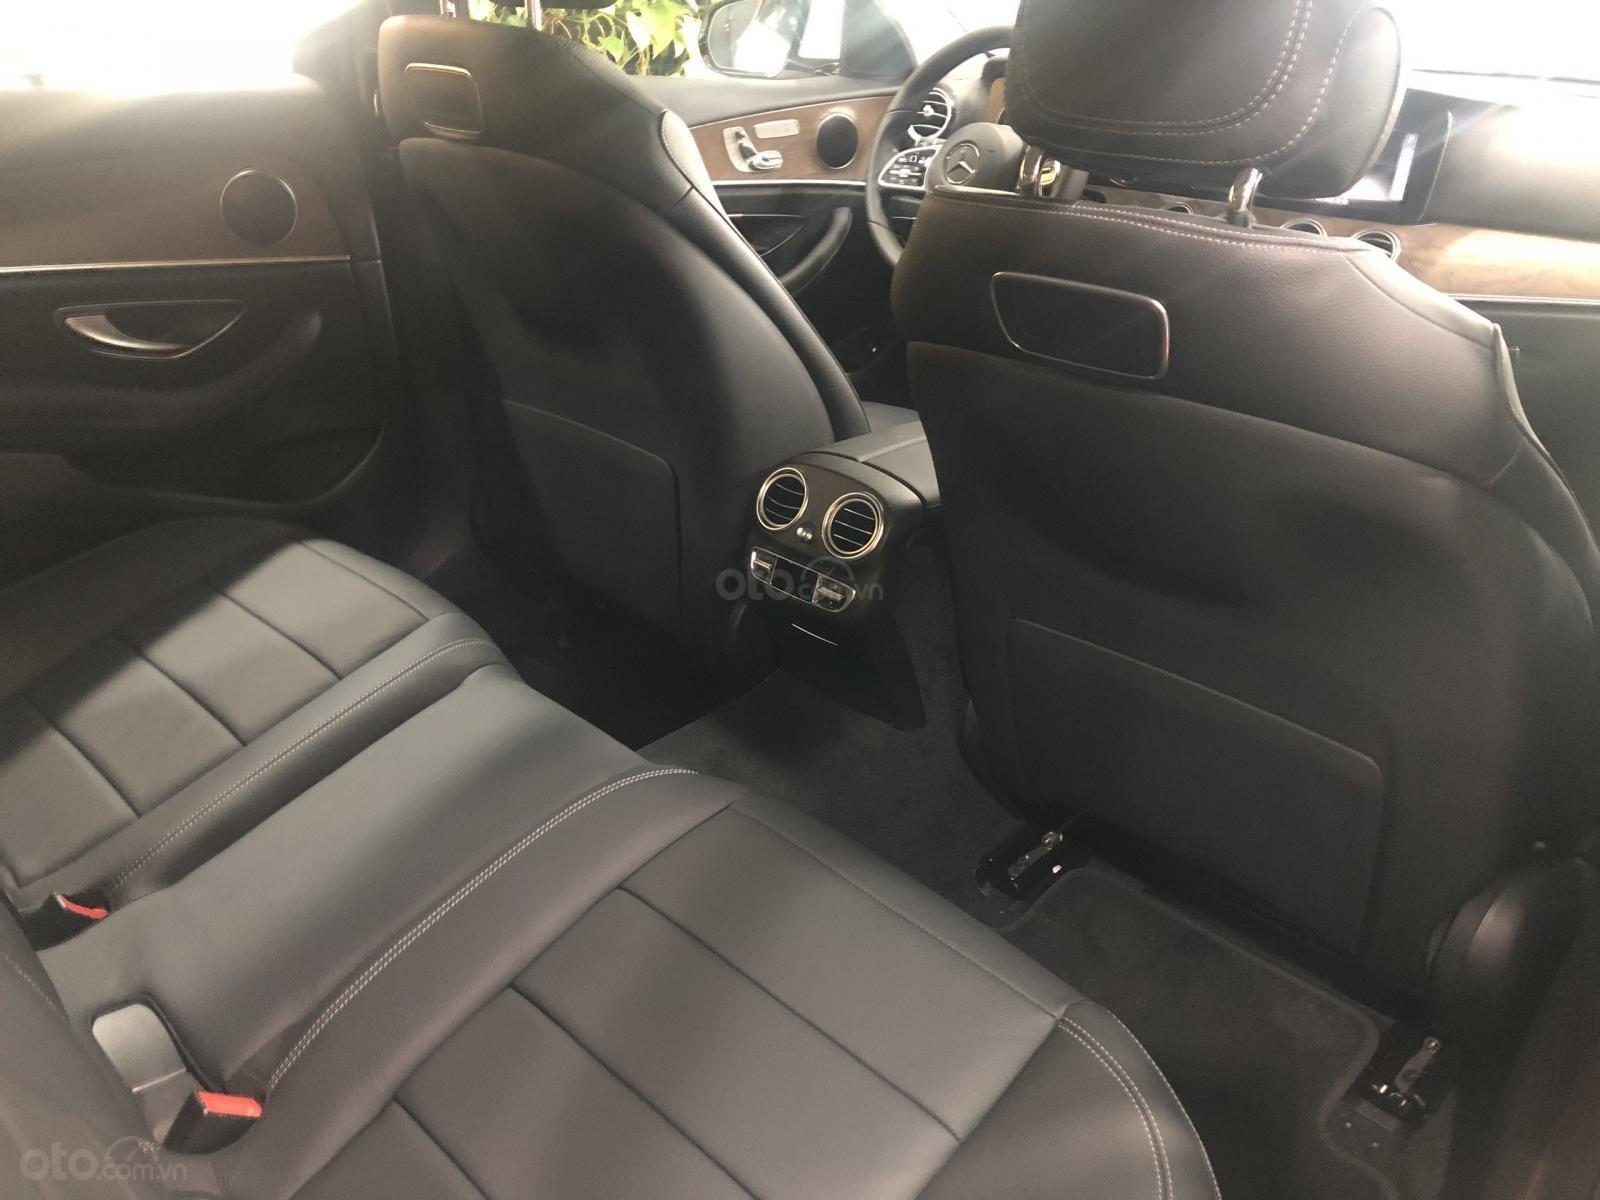 Mercedes E200 2019 đủ màu, giao ngay tại Mercedes Phú Mỹ Hưng (13)